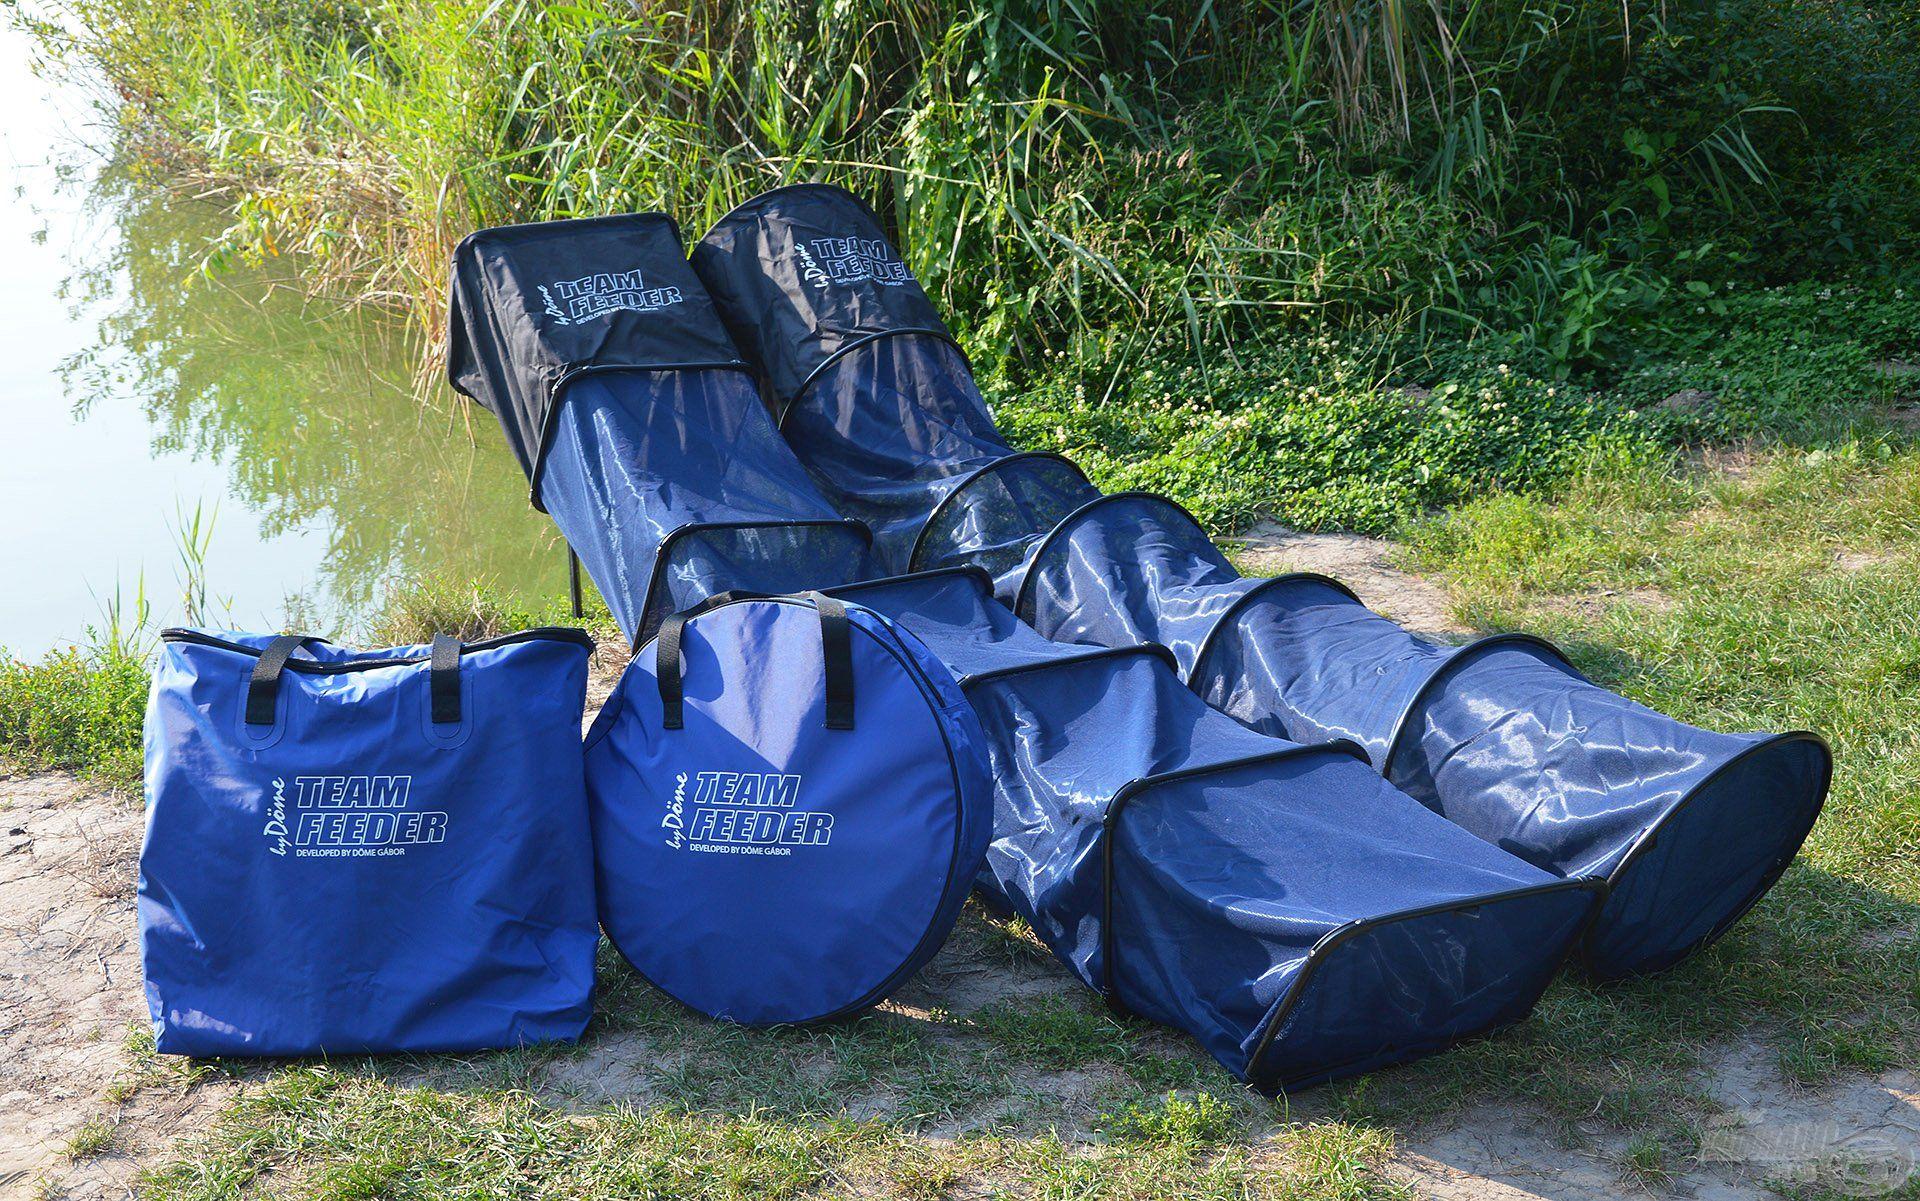 A kiváló minőségű TEAM FEEDER EVA Száktartó táskák a By Döme táskakollekció egyik leghasznosabb szériája! Ahogy a versenyszákok, ezek is két különféle kialakítással, szögletes és kerek formában készülnek